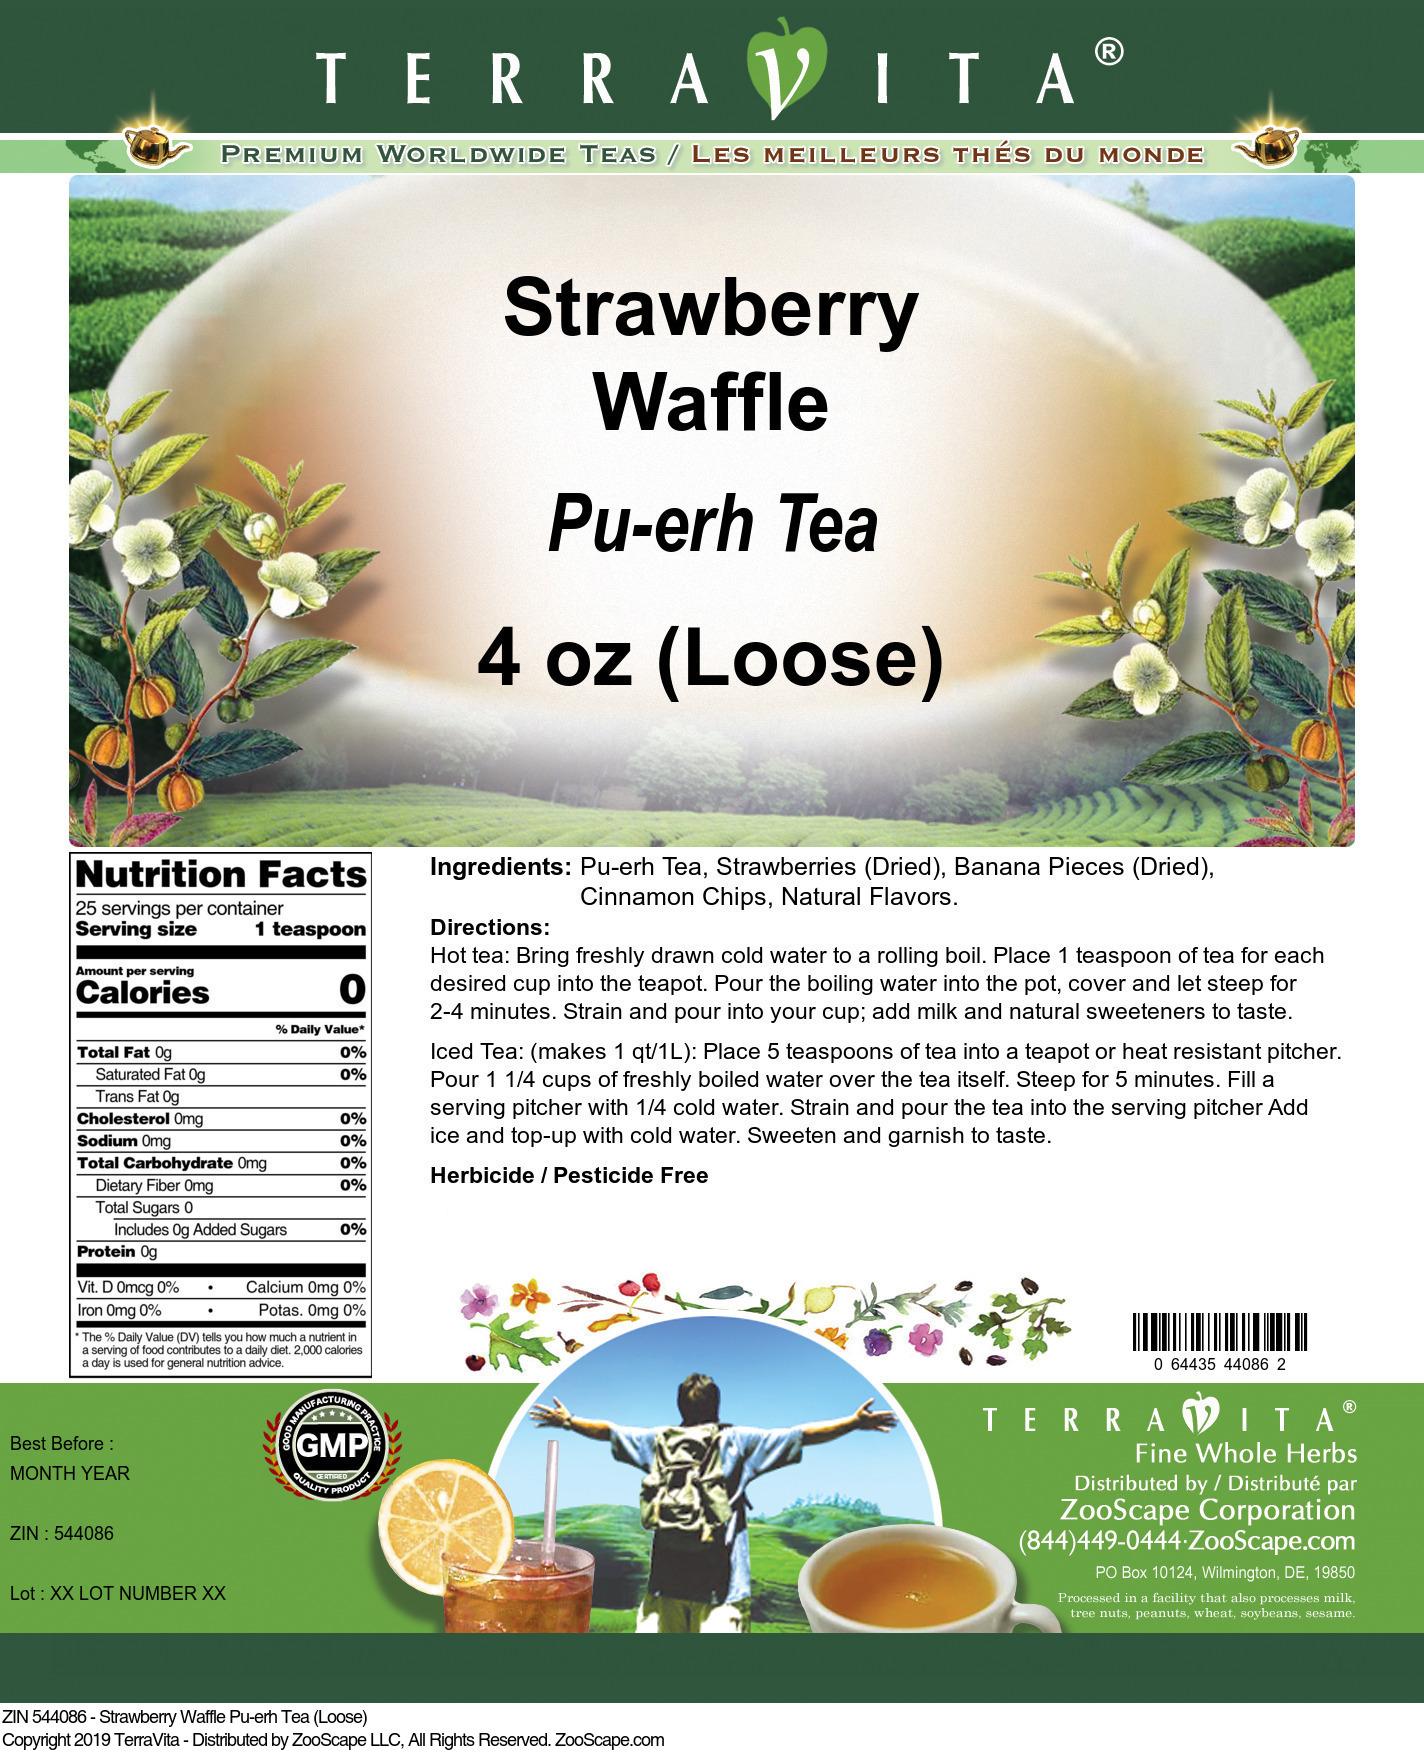 Strawberry Waffle Pu-erh Tea